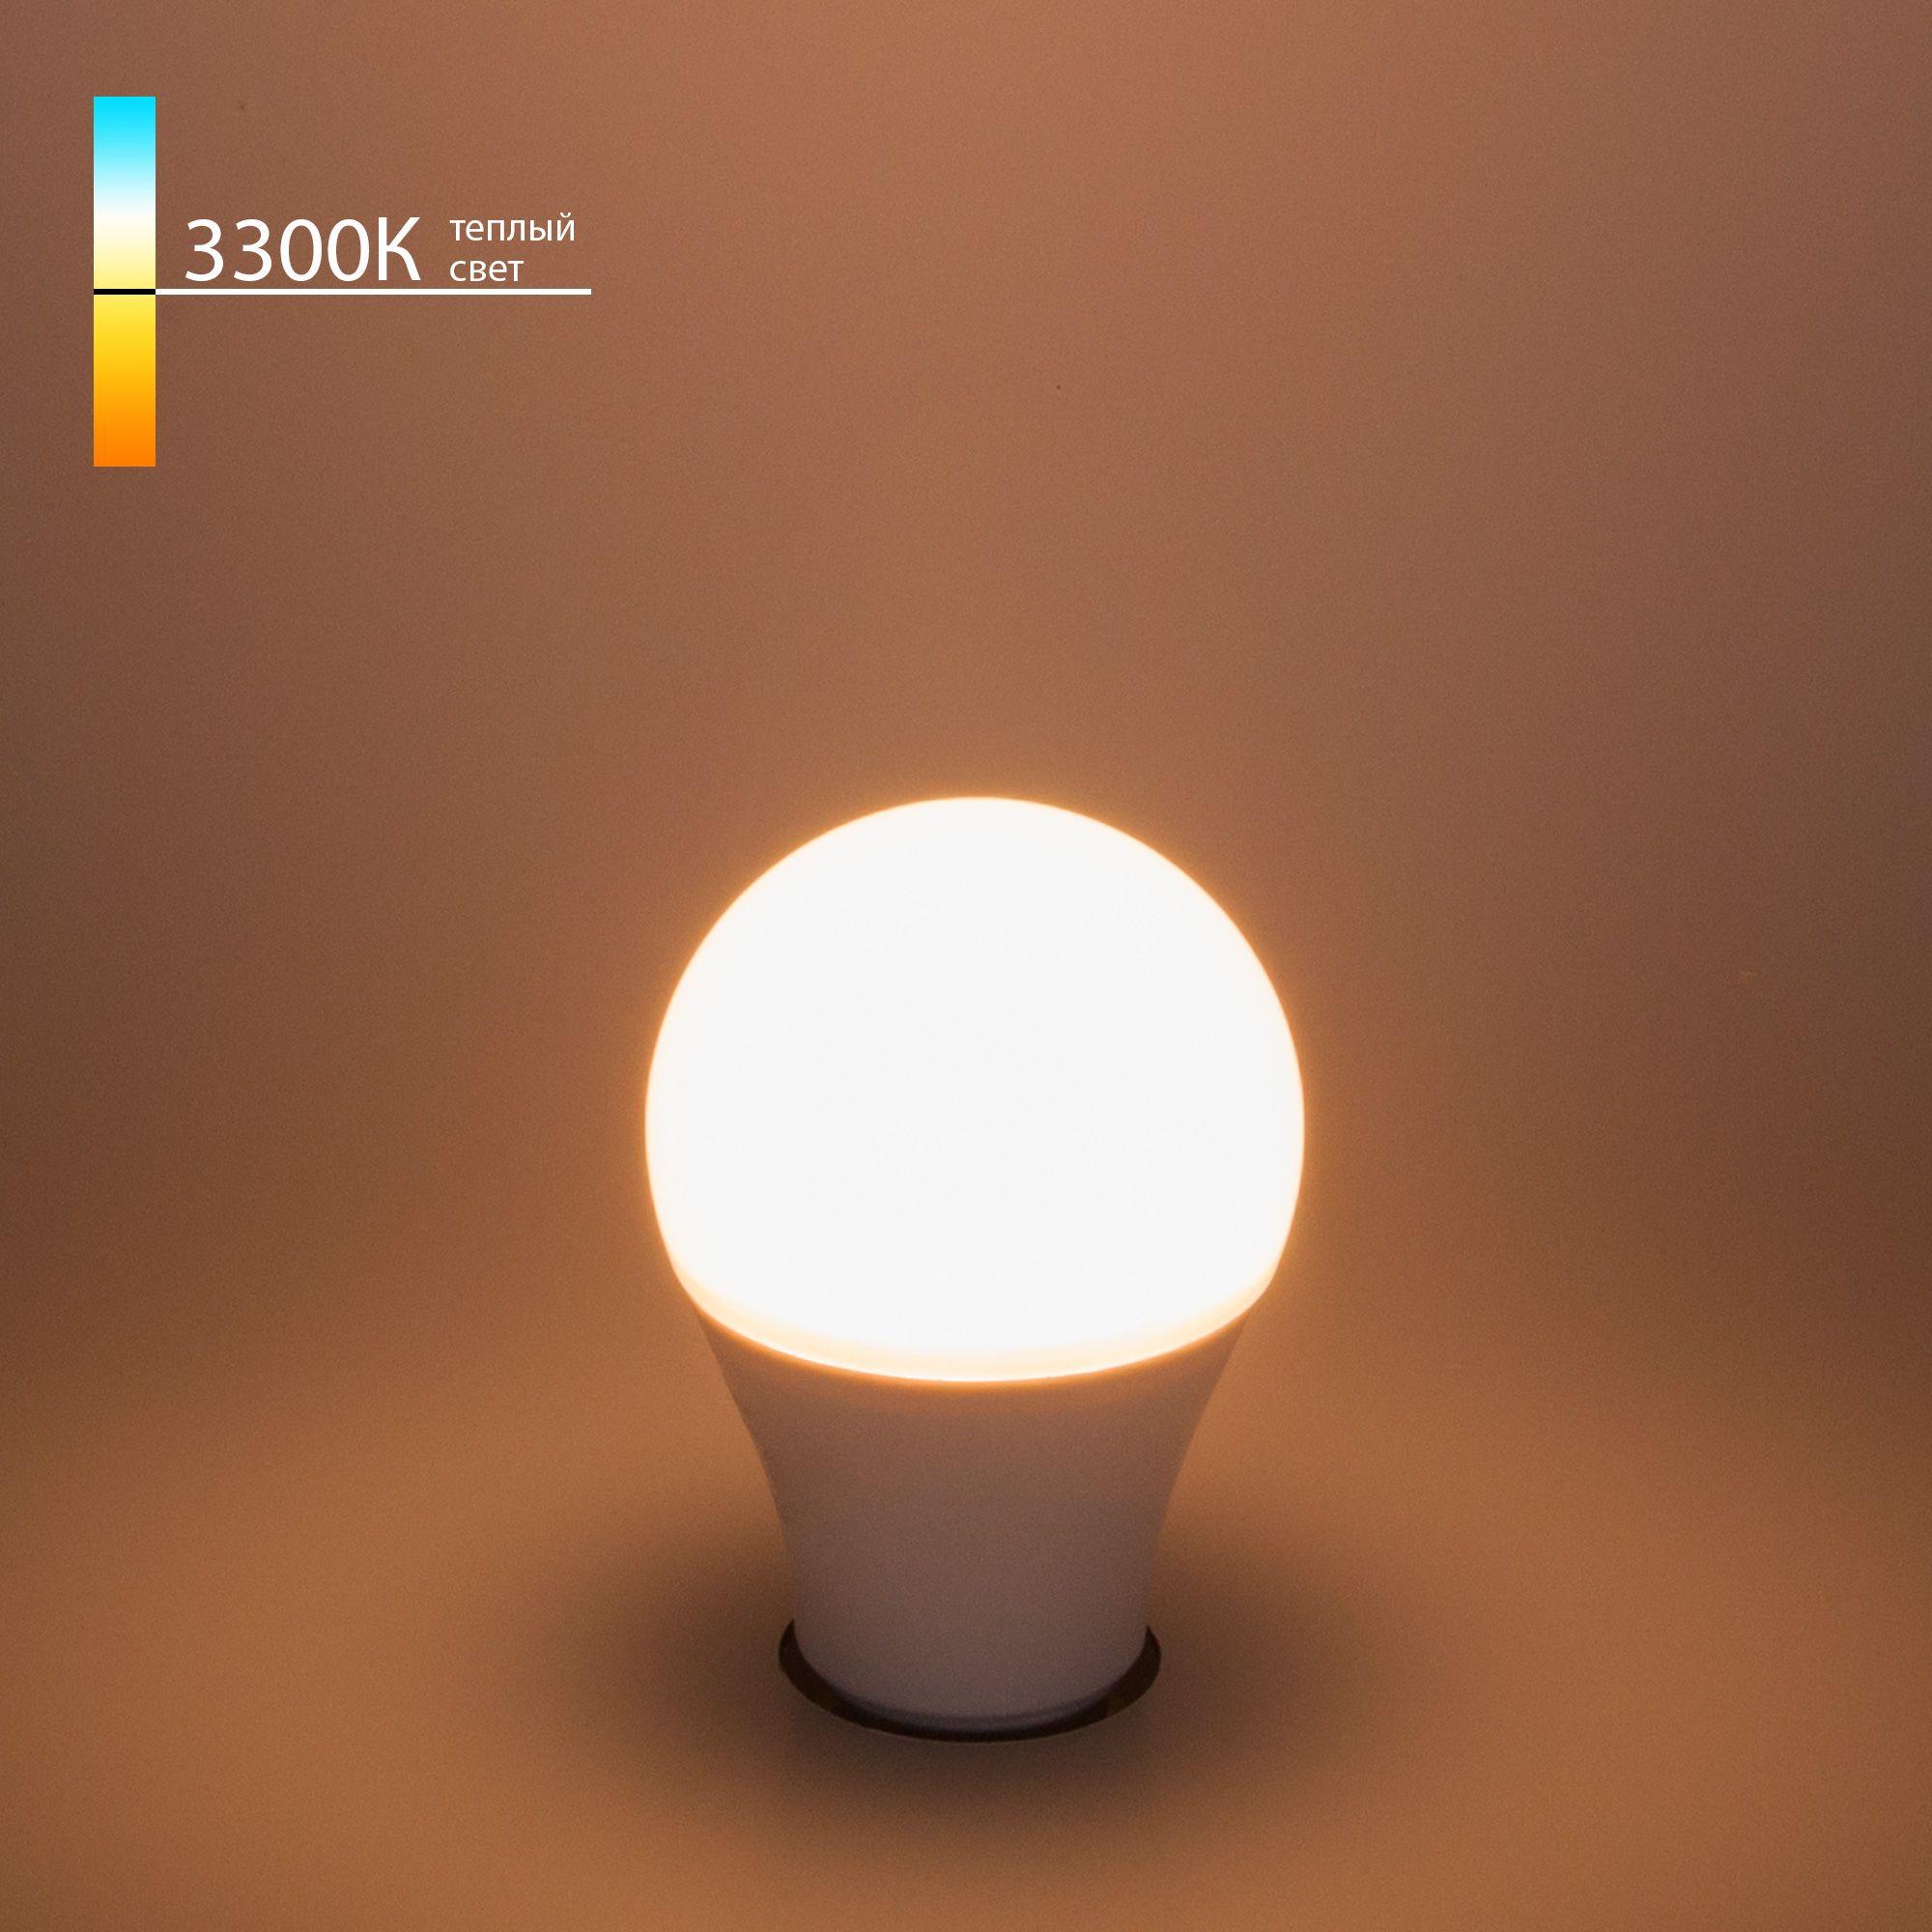 Светодиодная лампа Classic LED D 10W 3300K E27